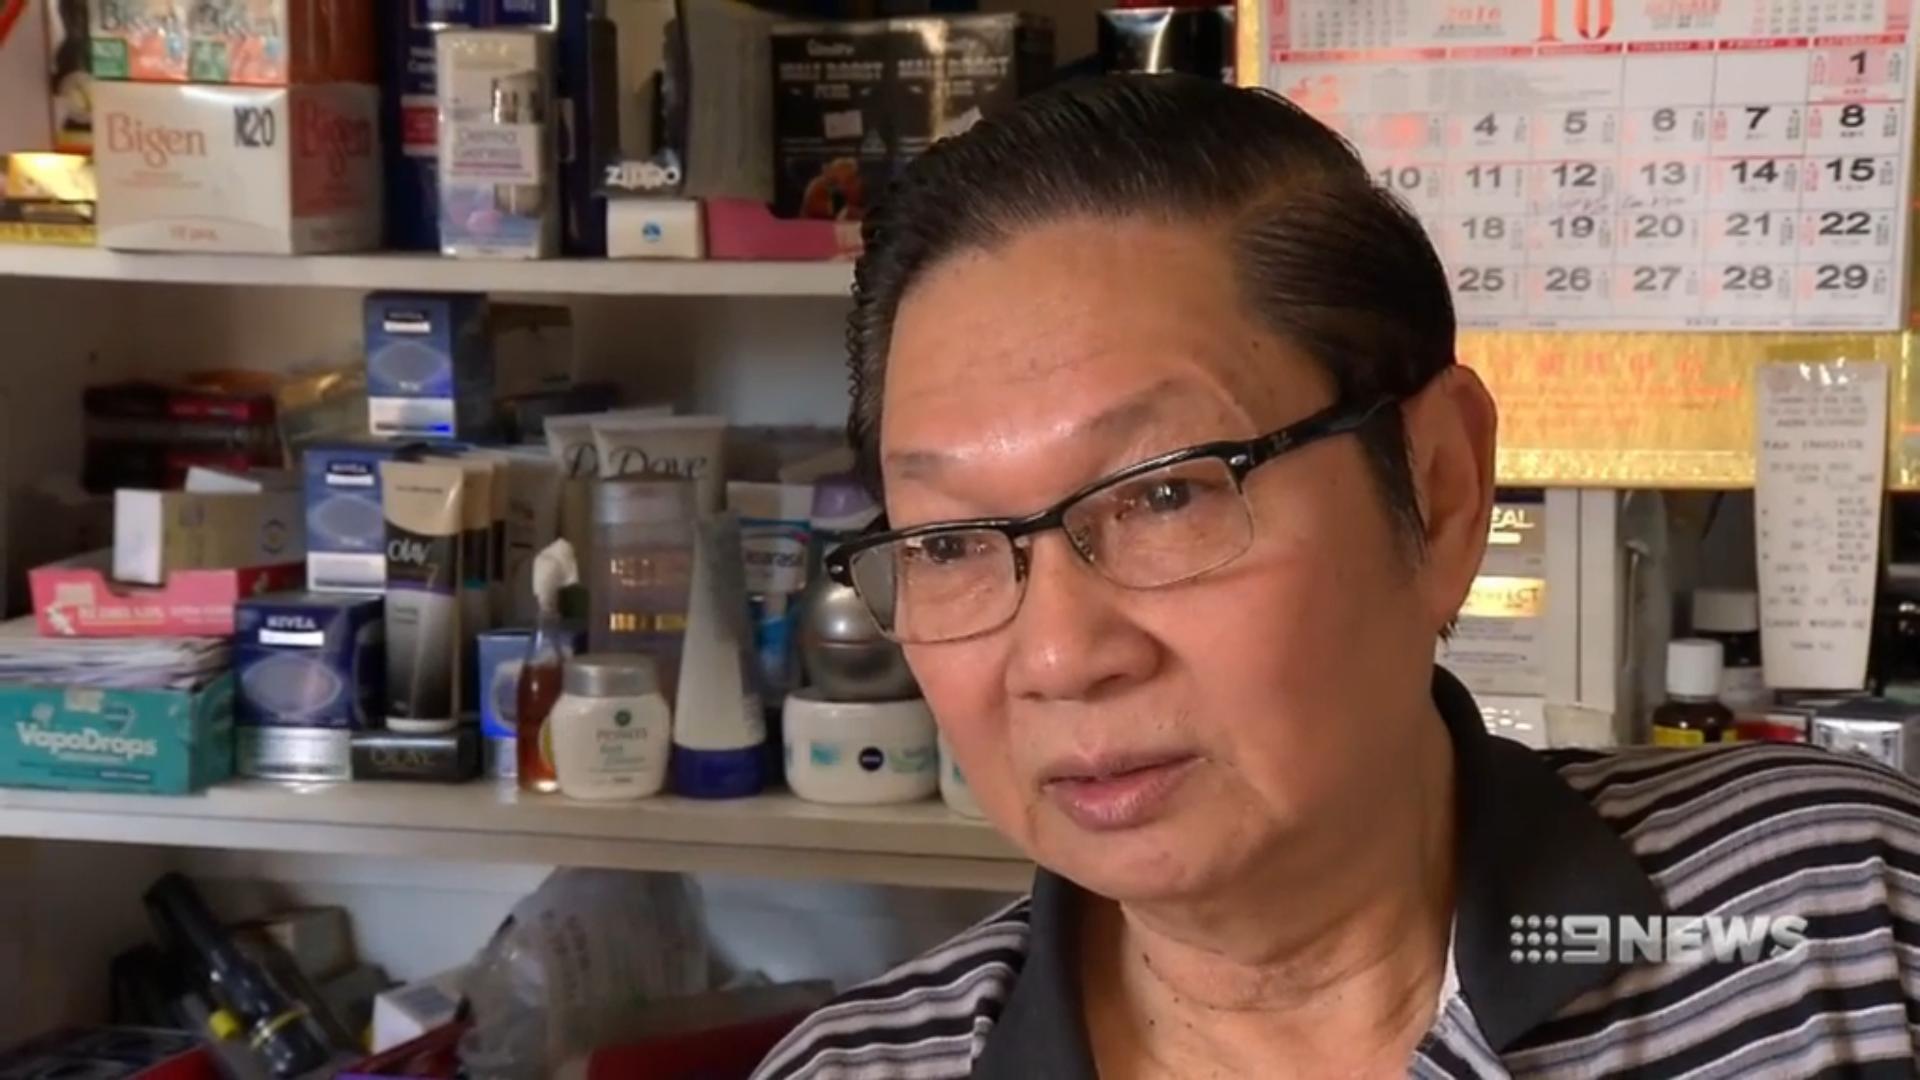 Chủ tiệm gốc Việt ở Cabramatta (Sydney) dùng dao đuổi cướp